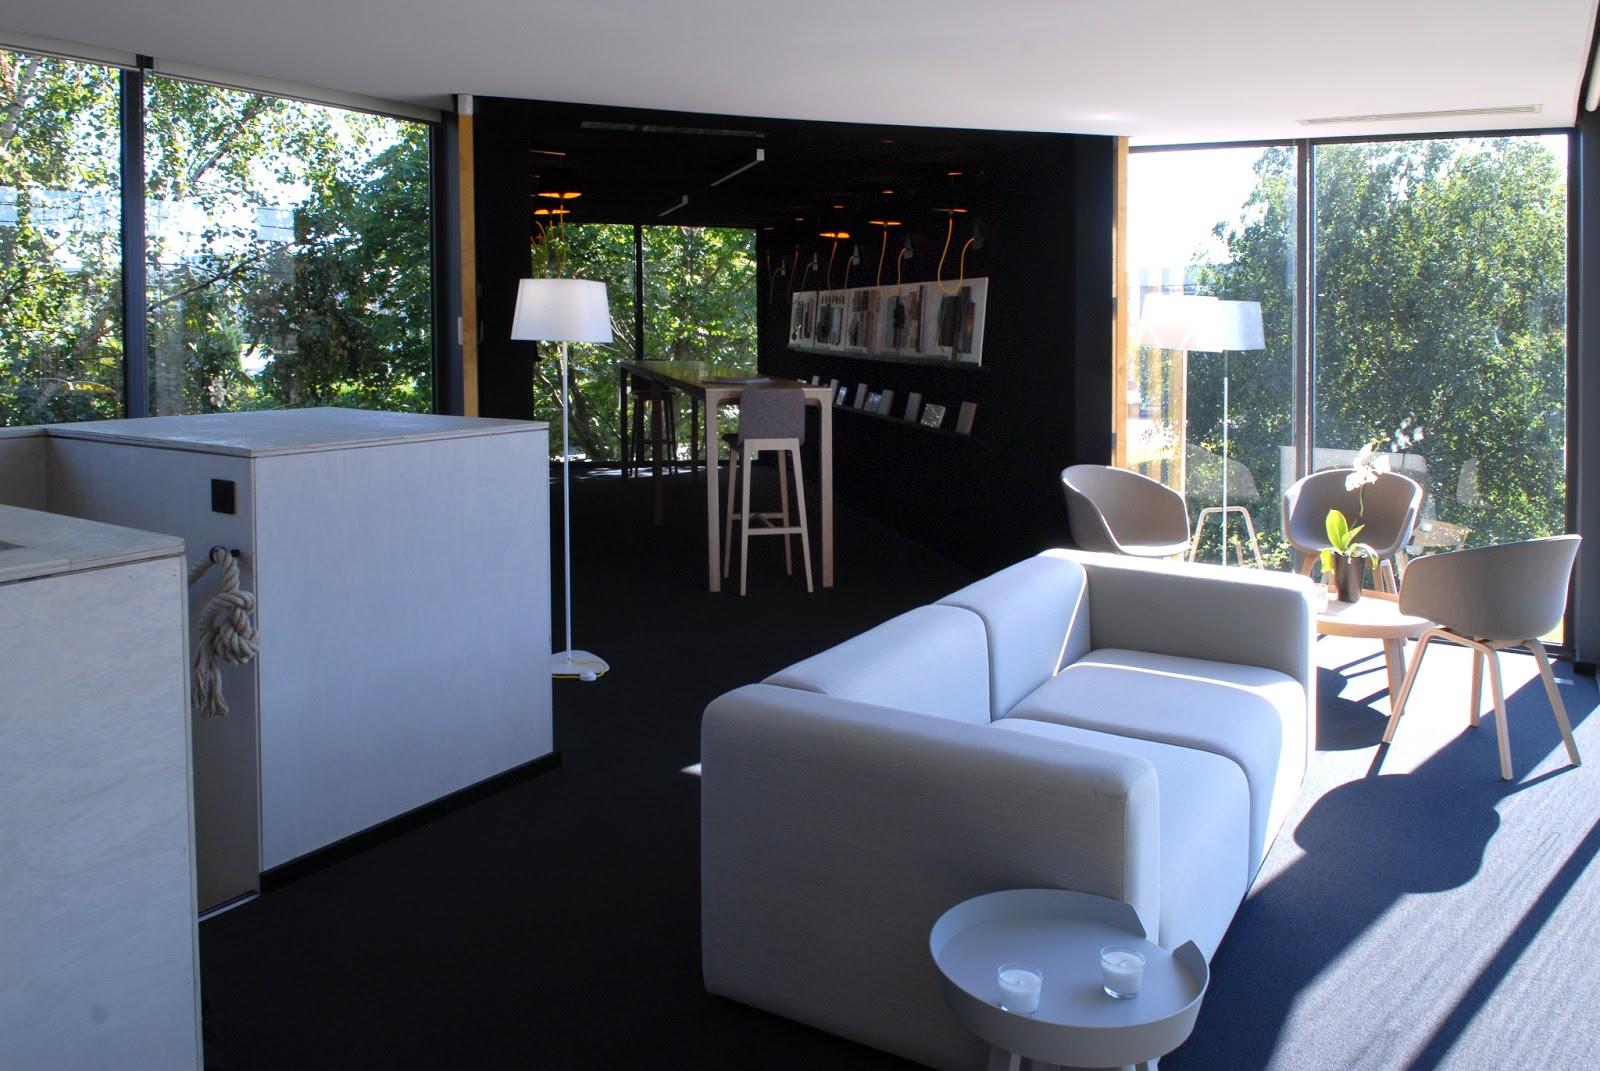 agence d 39 architecture int rieure parallel paris architecture ephemere. Black Bedroom Furniture Sets. Home Design Ideas